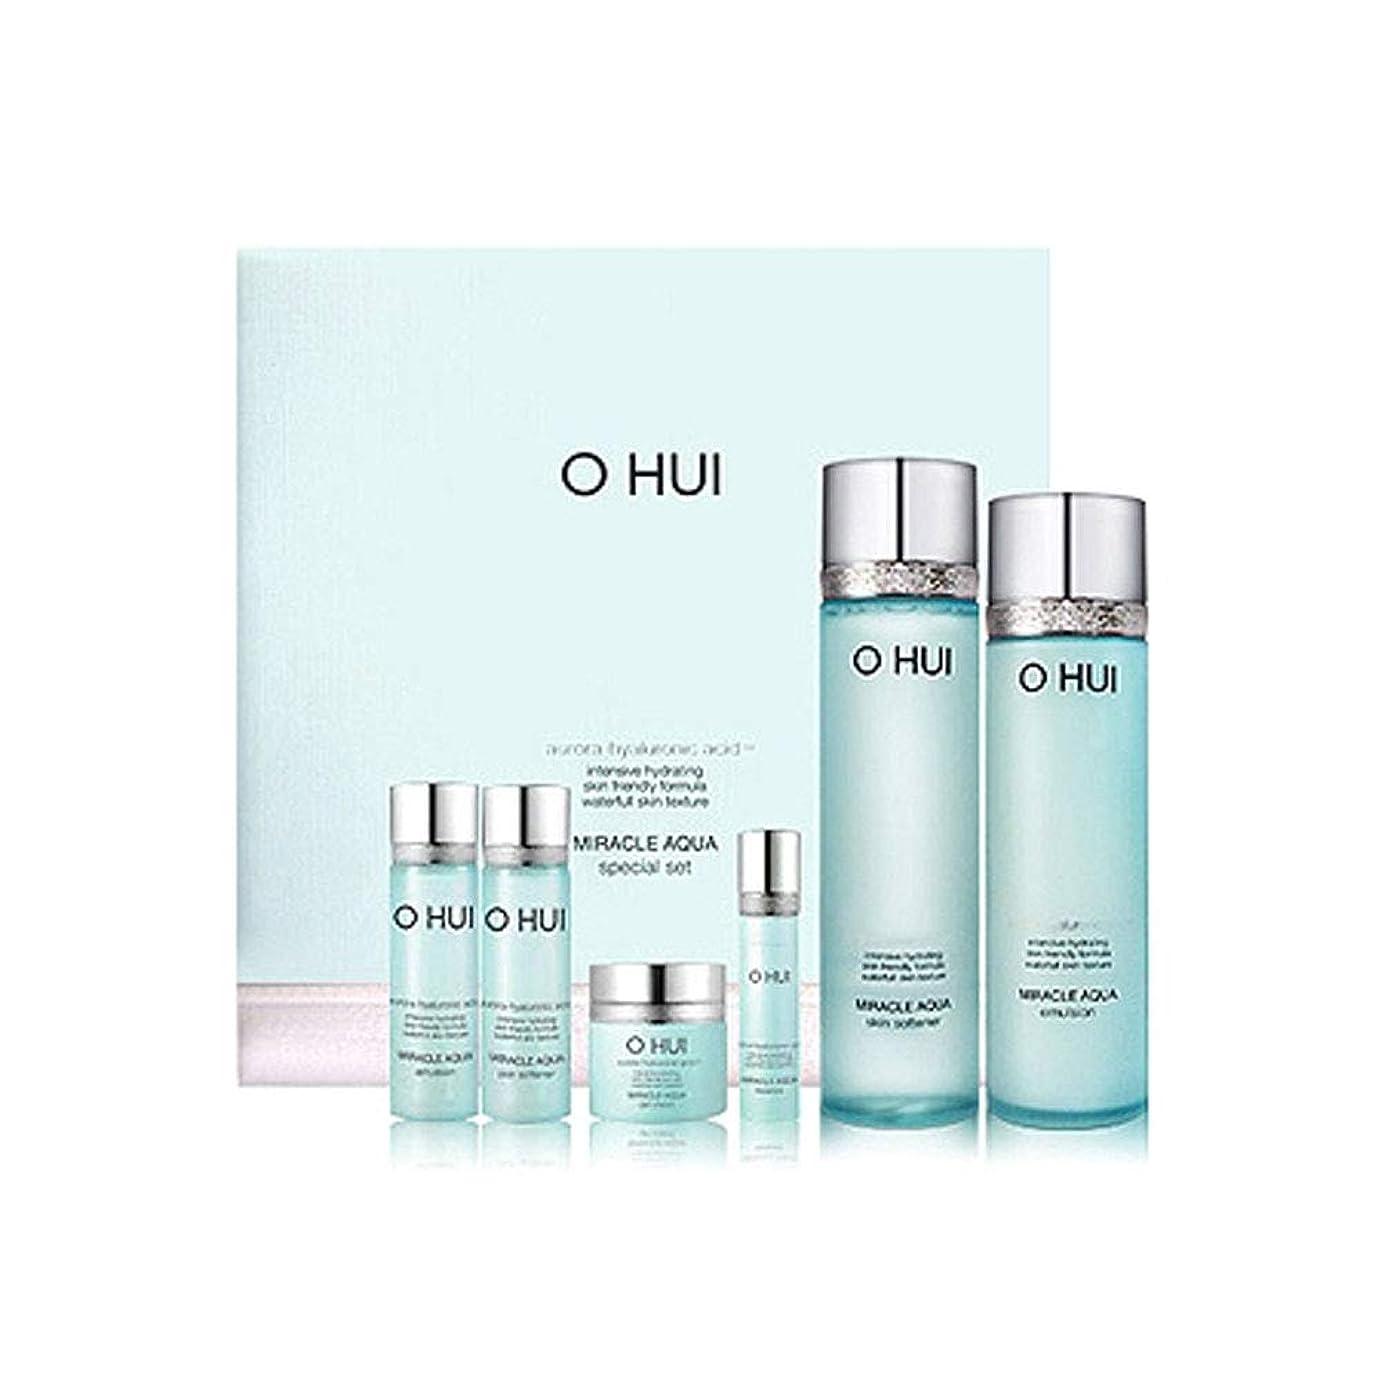 そうきょうだい発明するオフィミラクルアクアスキンソフナーエマルジョンセット韓国コスメ、O Hui Miracle Aqua Skin Softener Emulsion Set Korean Cosmetics [並行輸入品]